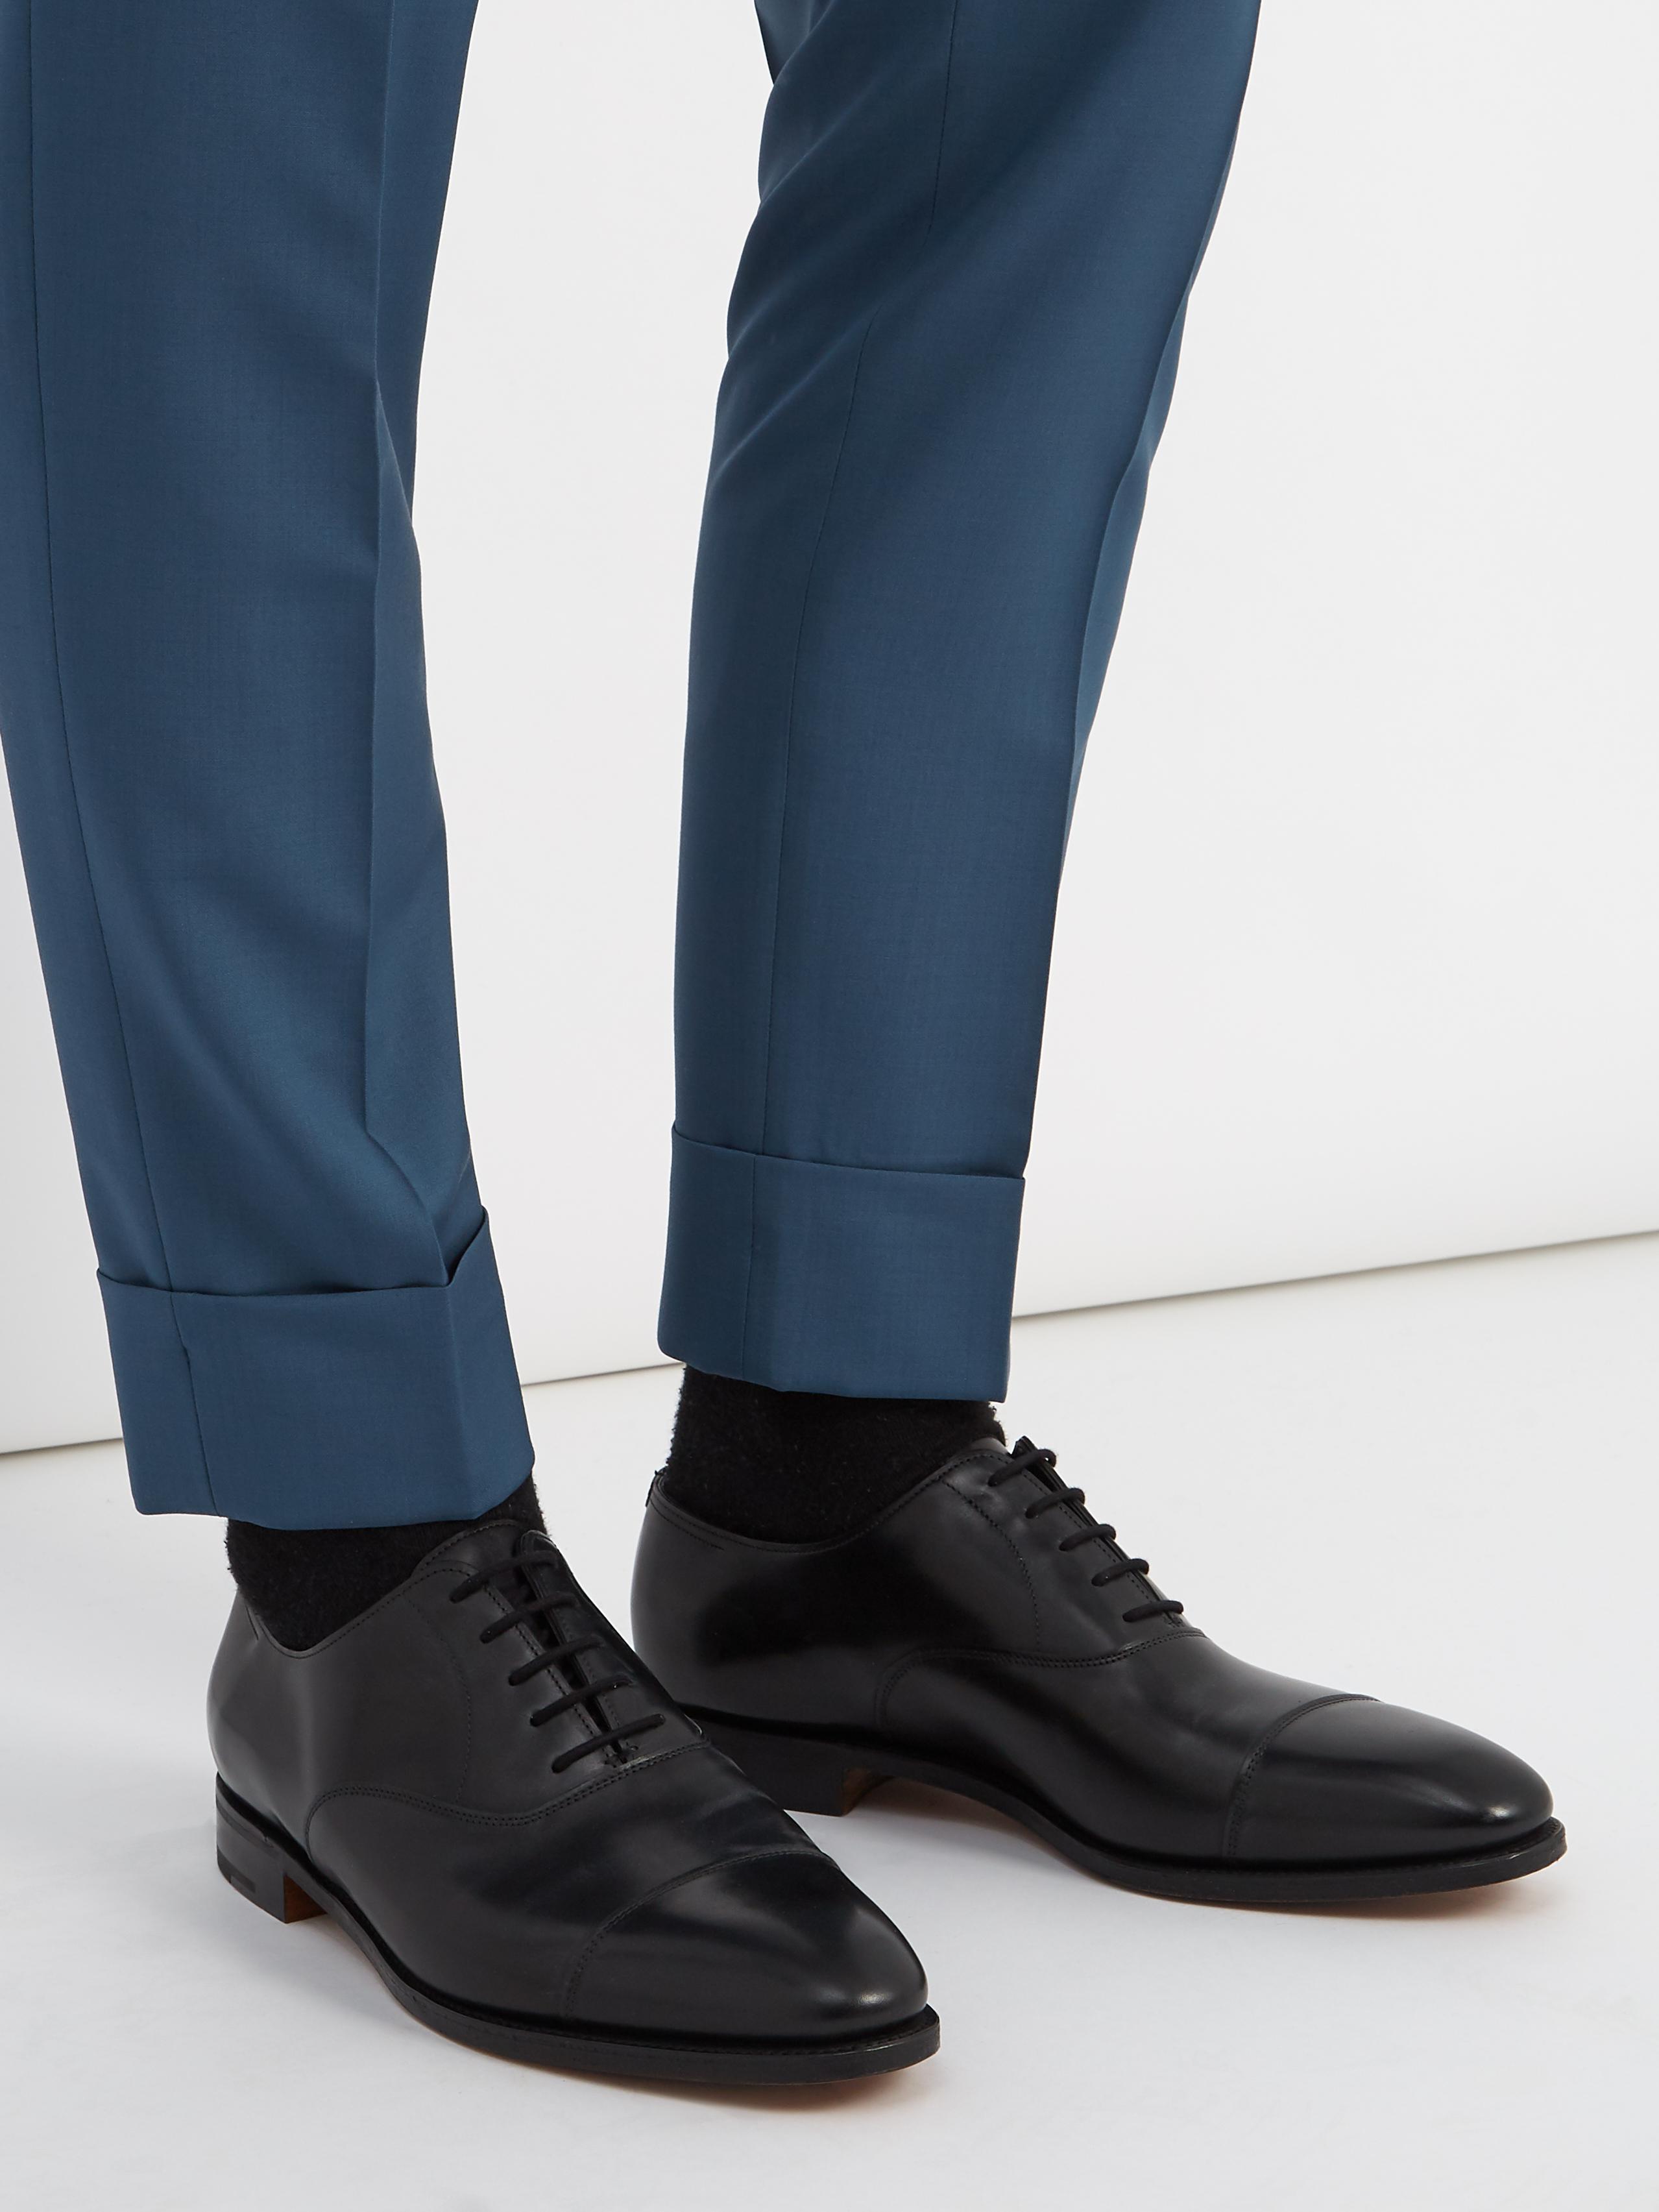 Black Oxford John Chaussures En Lobb Cuir City Pour Ii Coloris Homme 2EHID9